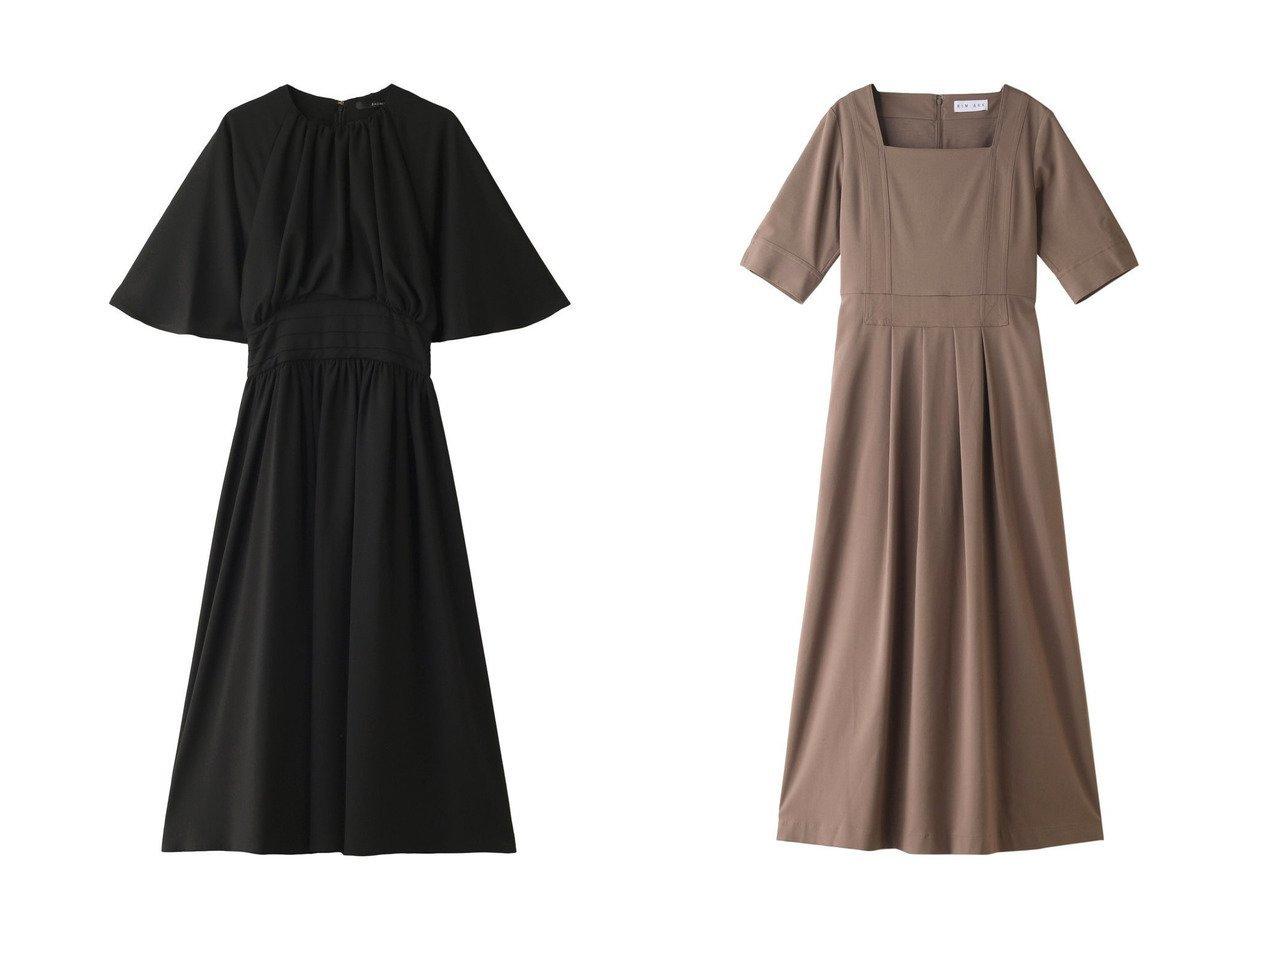 【BAUME/ボーム】のドレープミディドレス&【RIM.ARK/リムアーク】のドレス・ワンピース ワンピース・ドレスのおすすめ!人気、レディースファッションの通販  おすすめで人気のファッション通販商品 インテリア・家具・キッズファッション・メンズファッション・レディースファッション・服の通販 founy(ファニー) https://founy.com/ ファッション Fashion レディース WOMEN ワンピース Dress ドレス Party Dresses エアリー ギャザー ドレープ パーティ フレア デコルテ ドレス ロング  ID:crp329100000000134